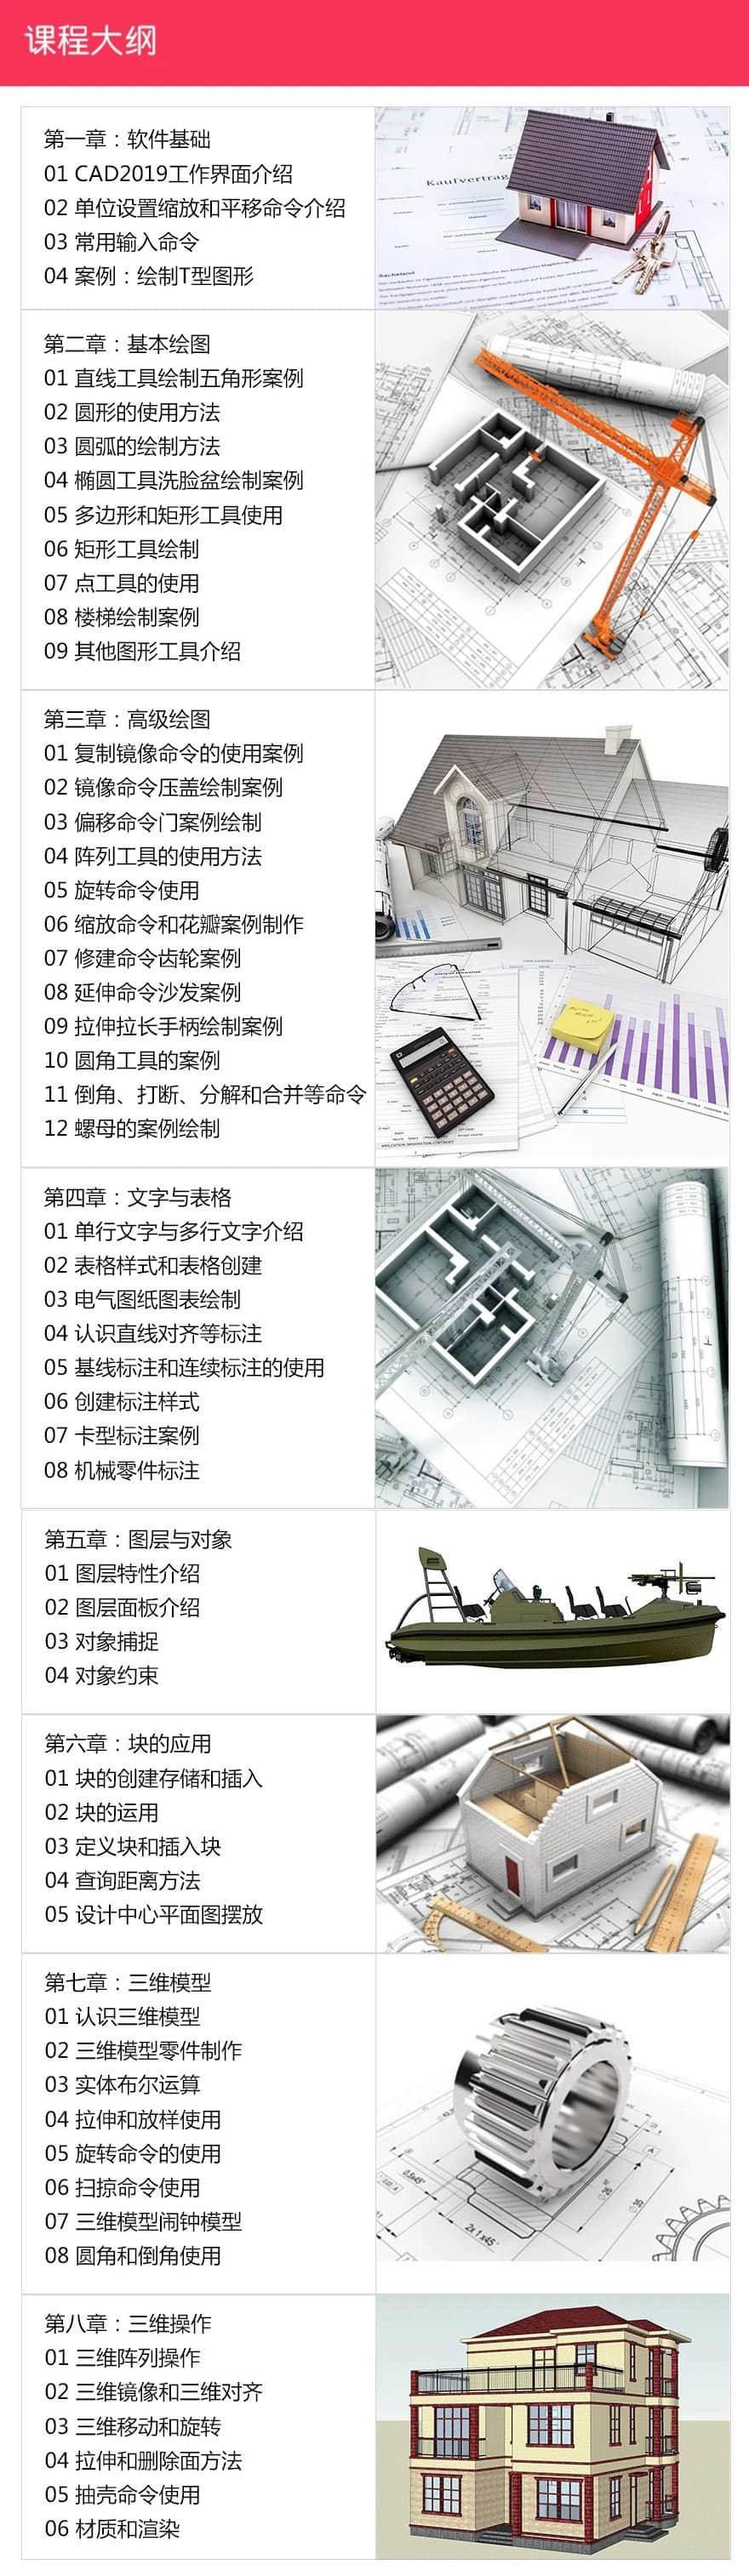 零基础学CAD2019案例教程2